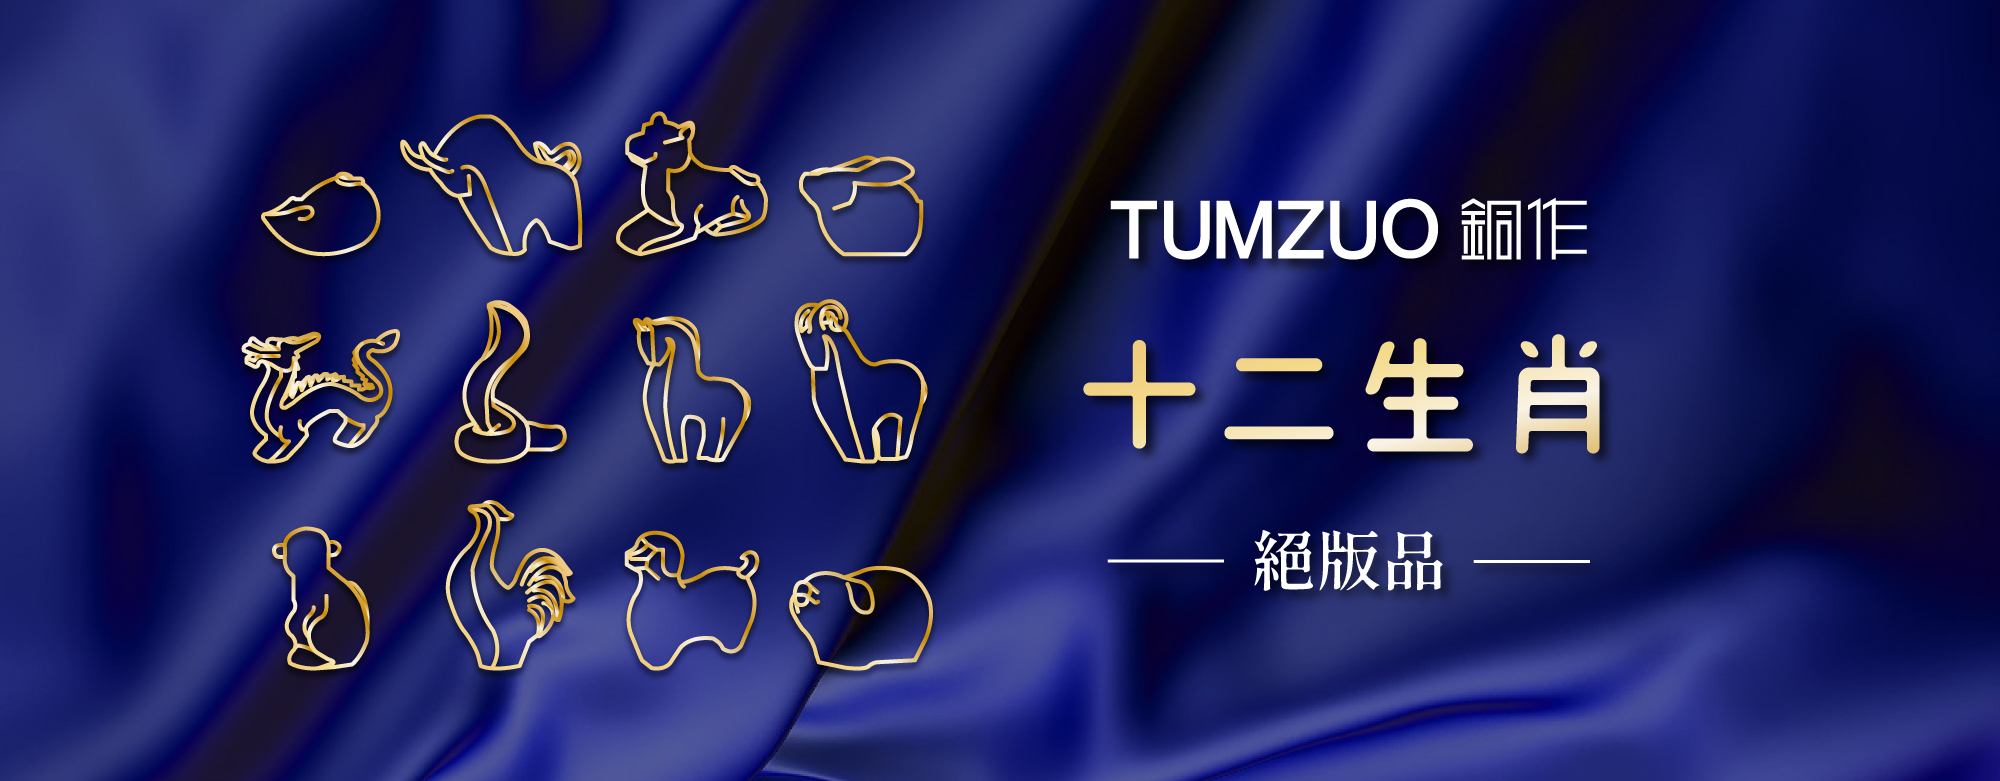 銅作絕版品的十二生肖系列